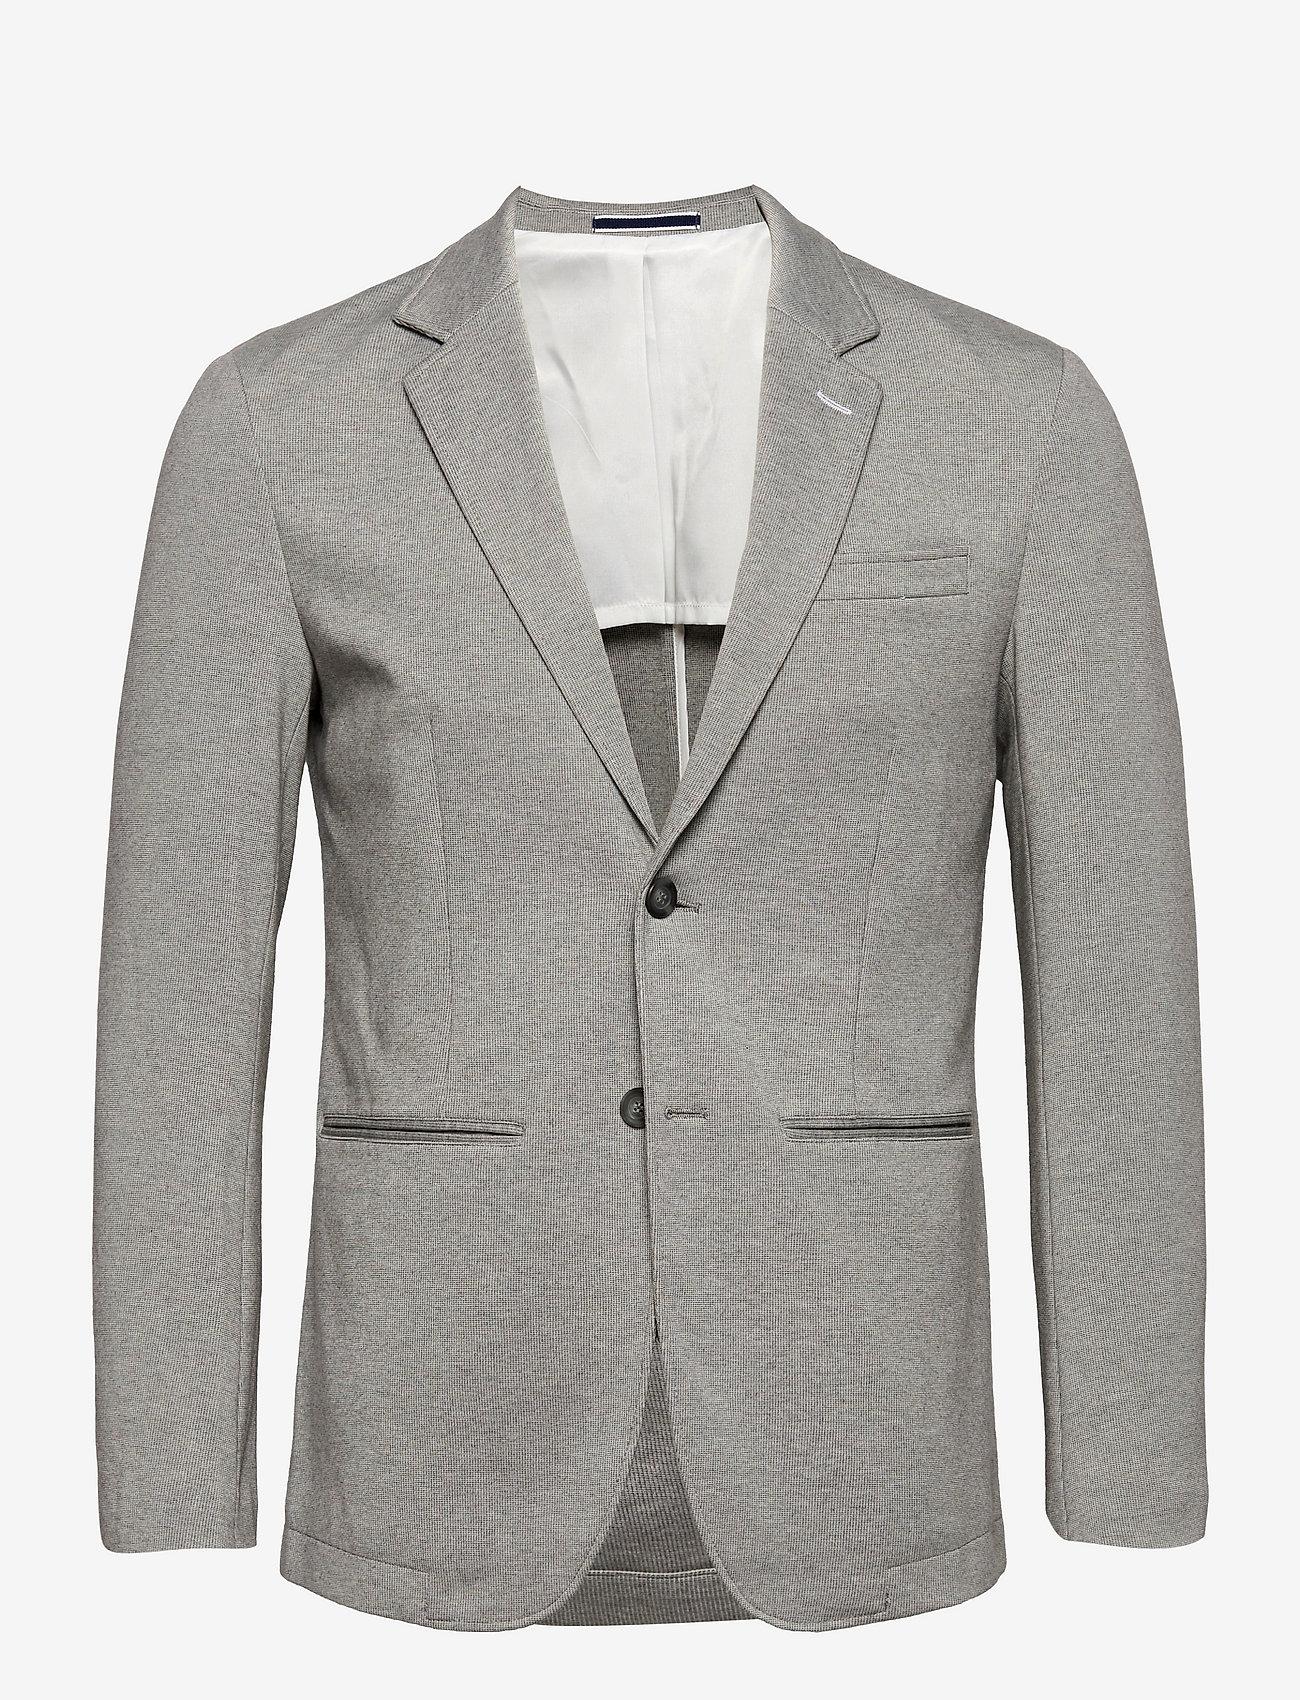 Selected Homme - SLHSLIM-RAFFLZ - blazers met enkele rij knopen - light grey melange - 0